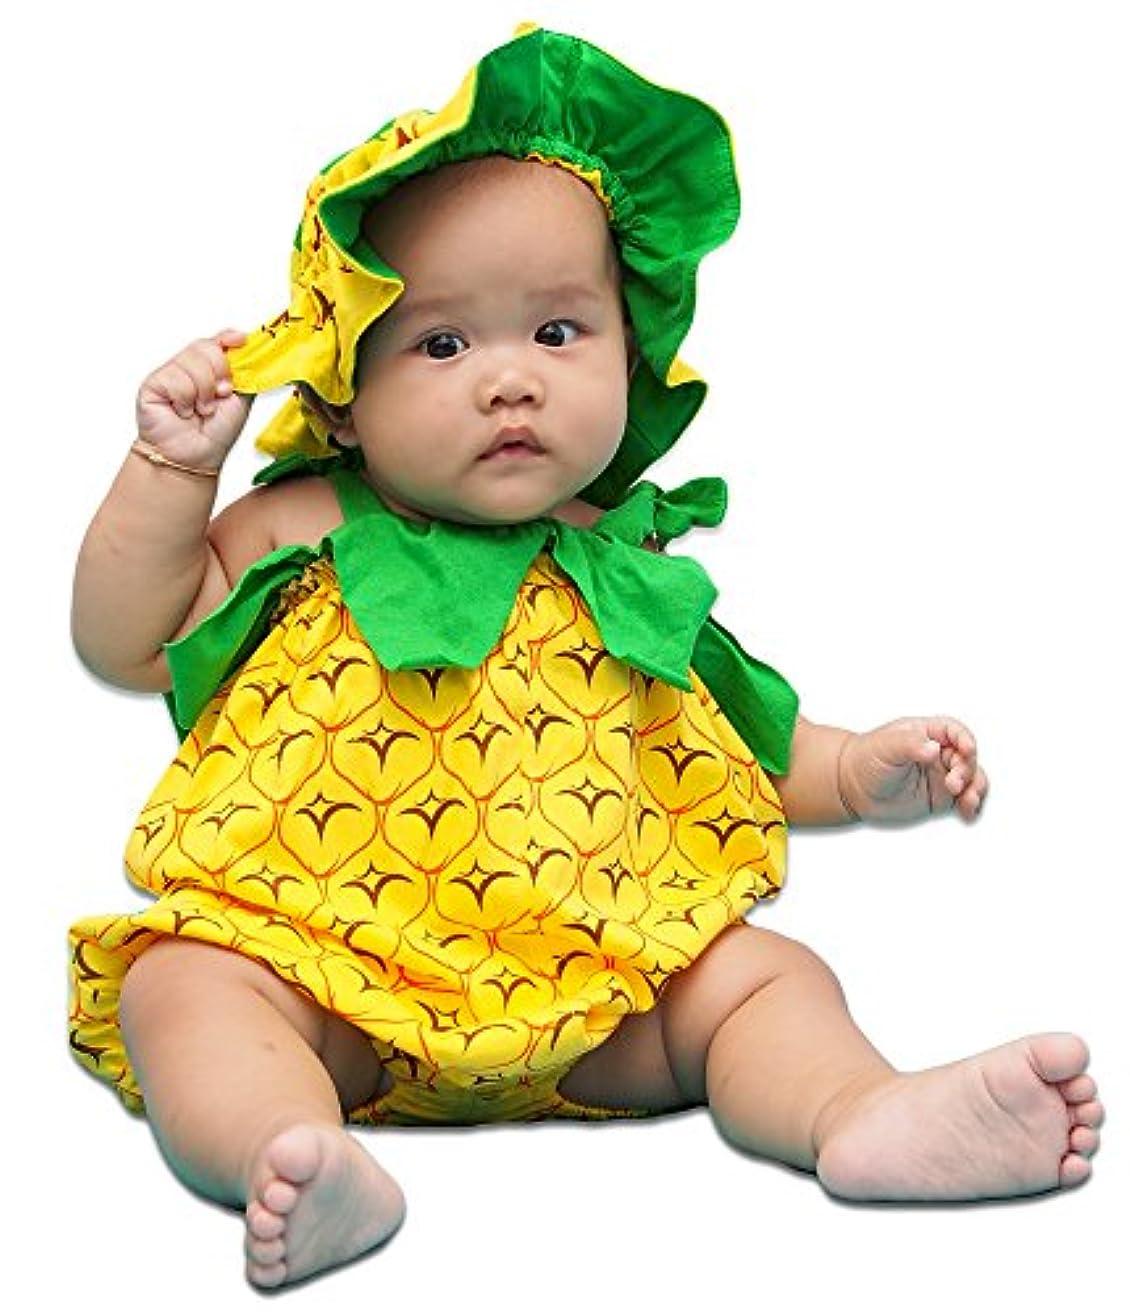 酸っぱい売り手重くするキッズコスチュームパイナップル(4ヶ月 - 7ヶ月)